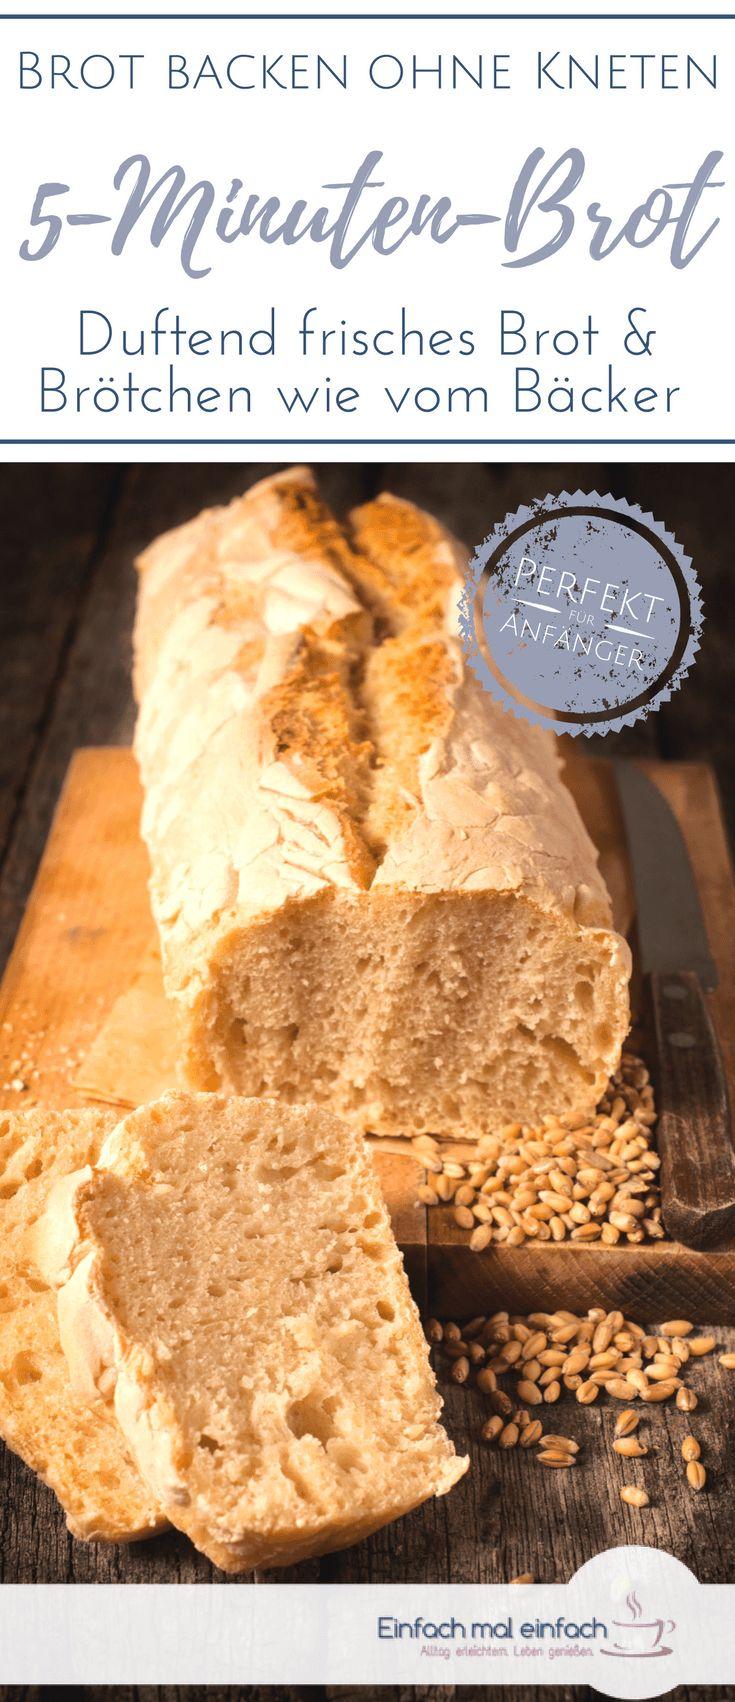 5-minute bread